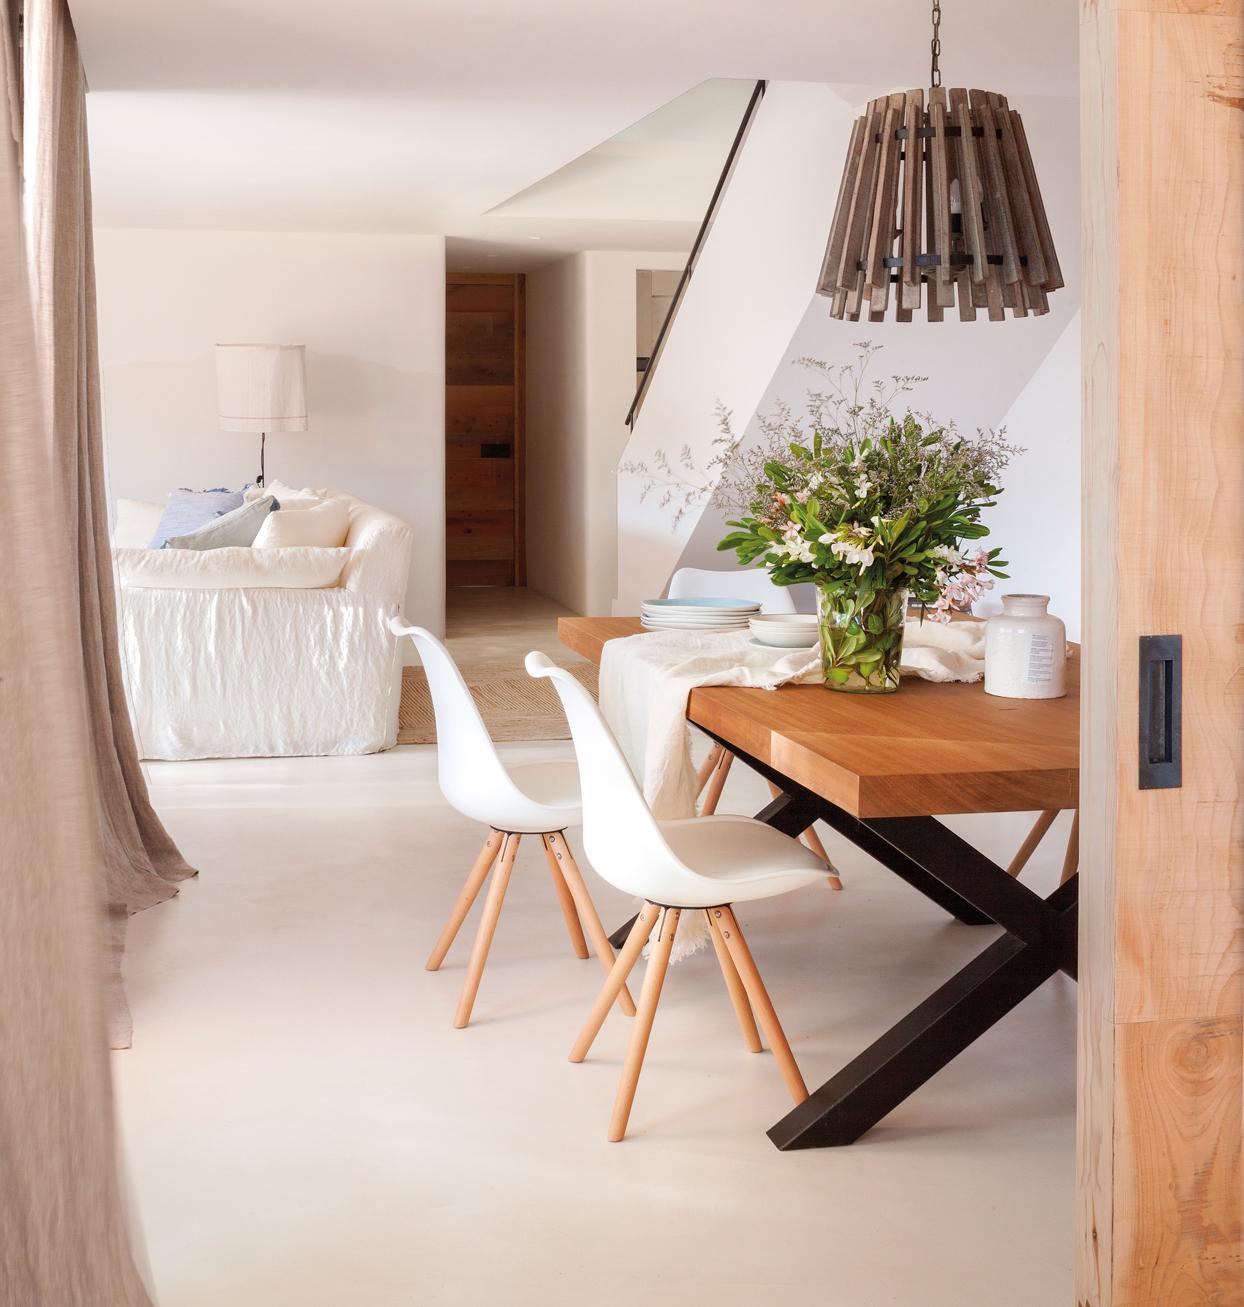 1. Comedor con sillas blancaas, mesa de madera con patas negras y lámpara de techo de fibra natural-00436704. 1. Comedor con sillas blancas, mesa de madera con patas negras y lámpara de techo de fibra natural-00436704